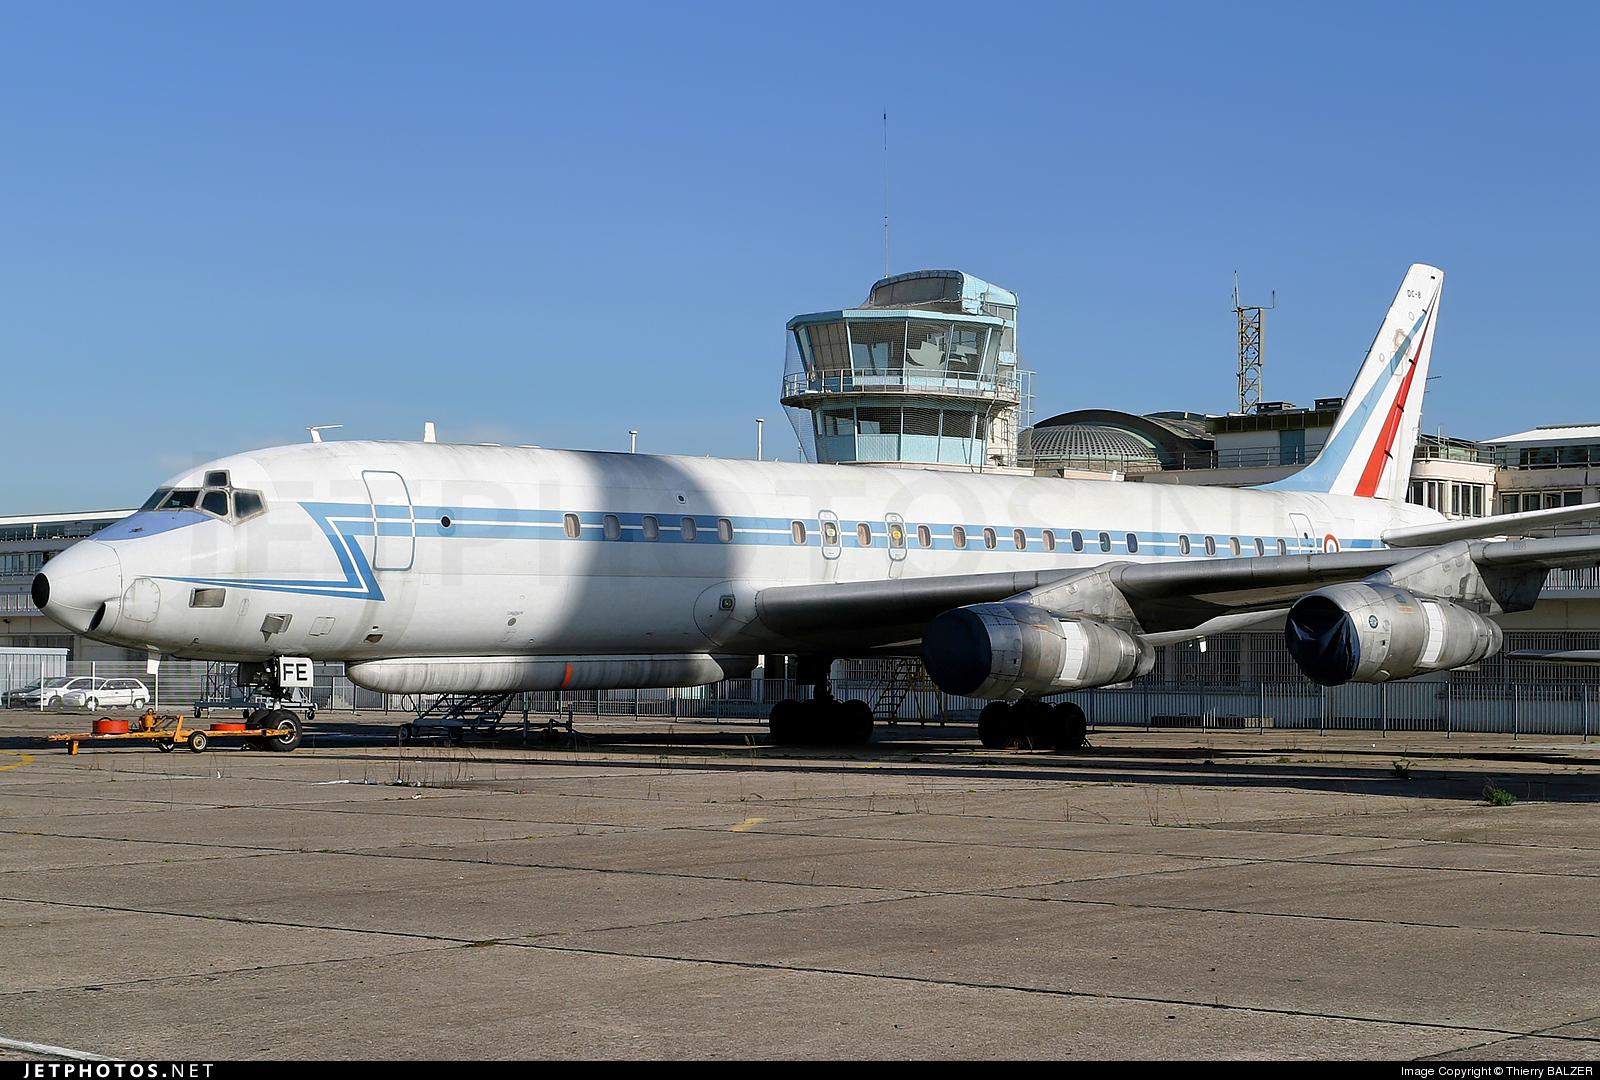 45570 - Douglas DC-8-53 - France - Air Force